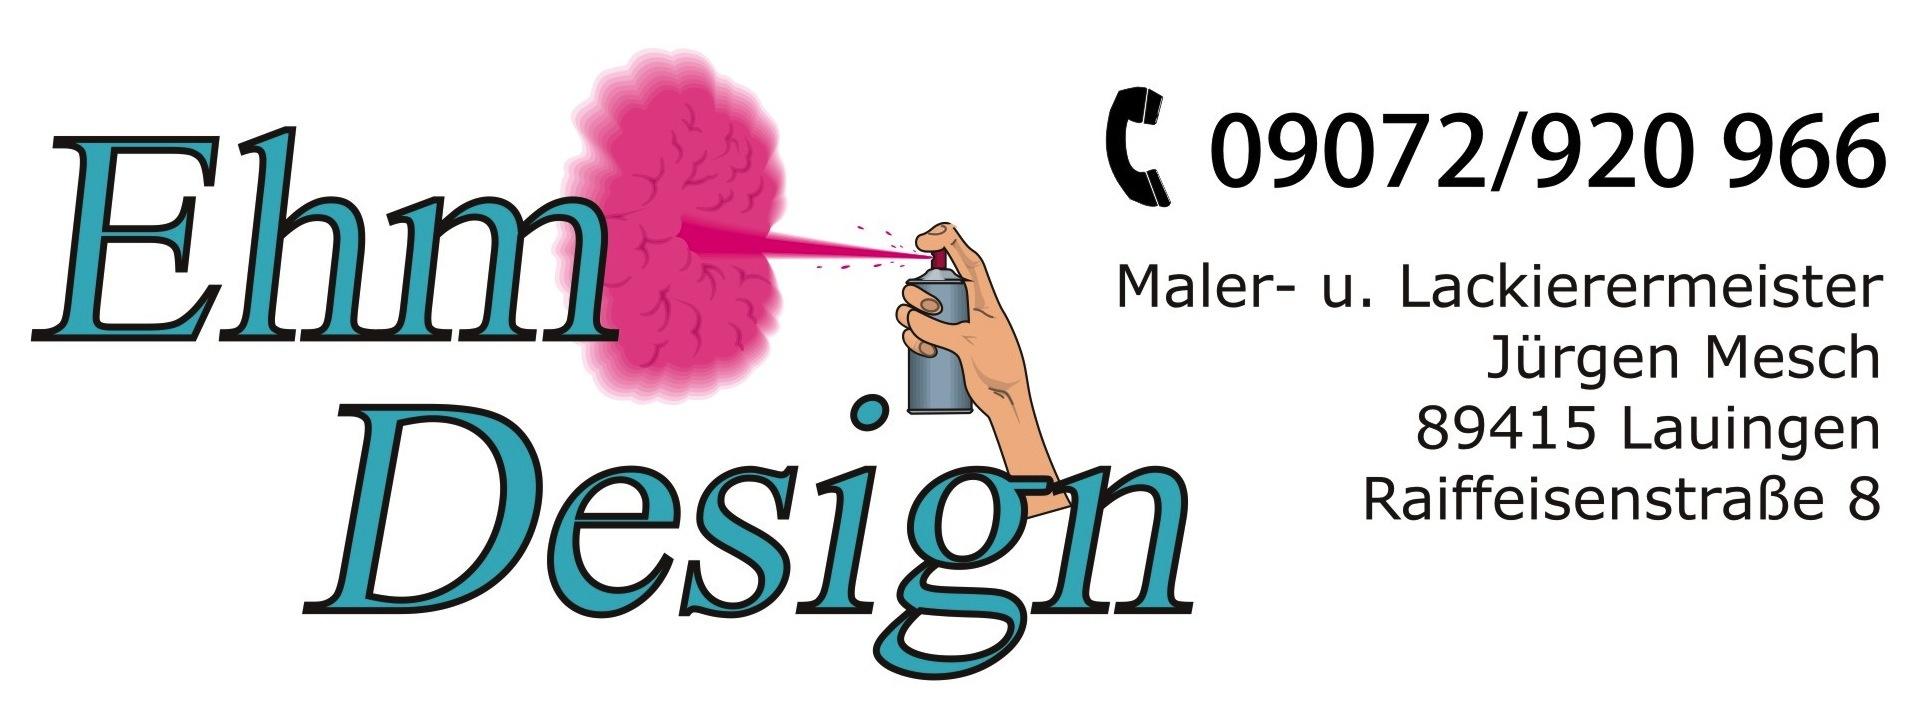 ehm-Design Lauingen